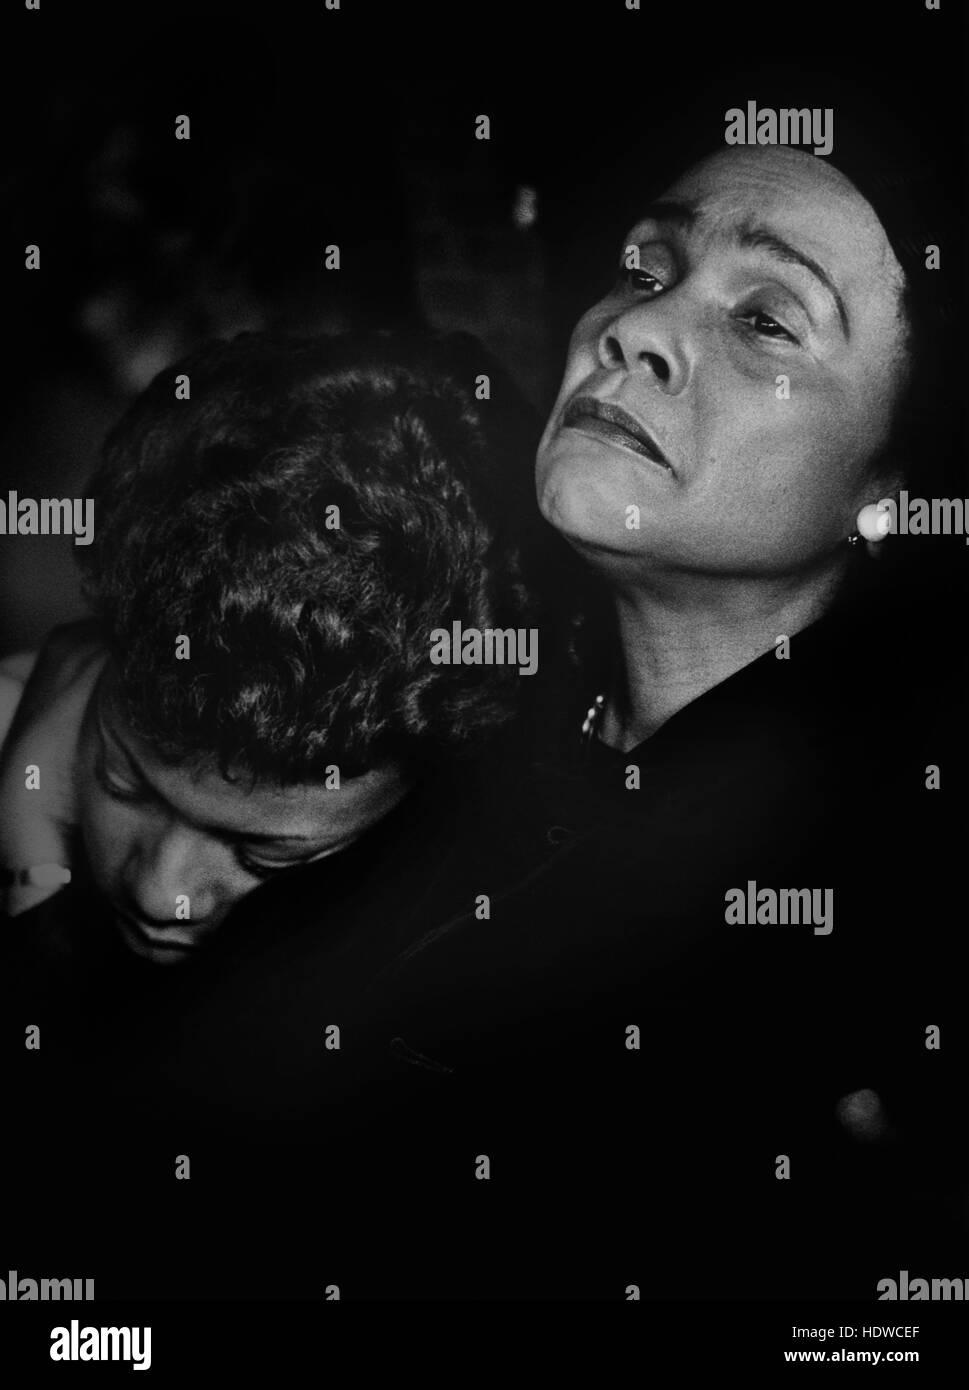 Coretta Scott King, veuve du leader des droits civiques tué Le Dr Martin Luther King, Jr., réconforte sa fille comme ils assister aux funérailles du Dr Martin Luther King 'Daddy', Sœur du roi à l'église baptiste Ebenezer à Atlanta, Géorgie. Banque D'Images